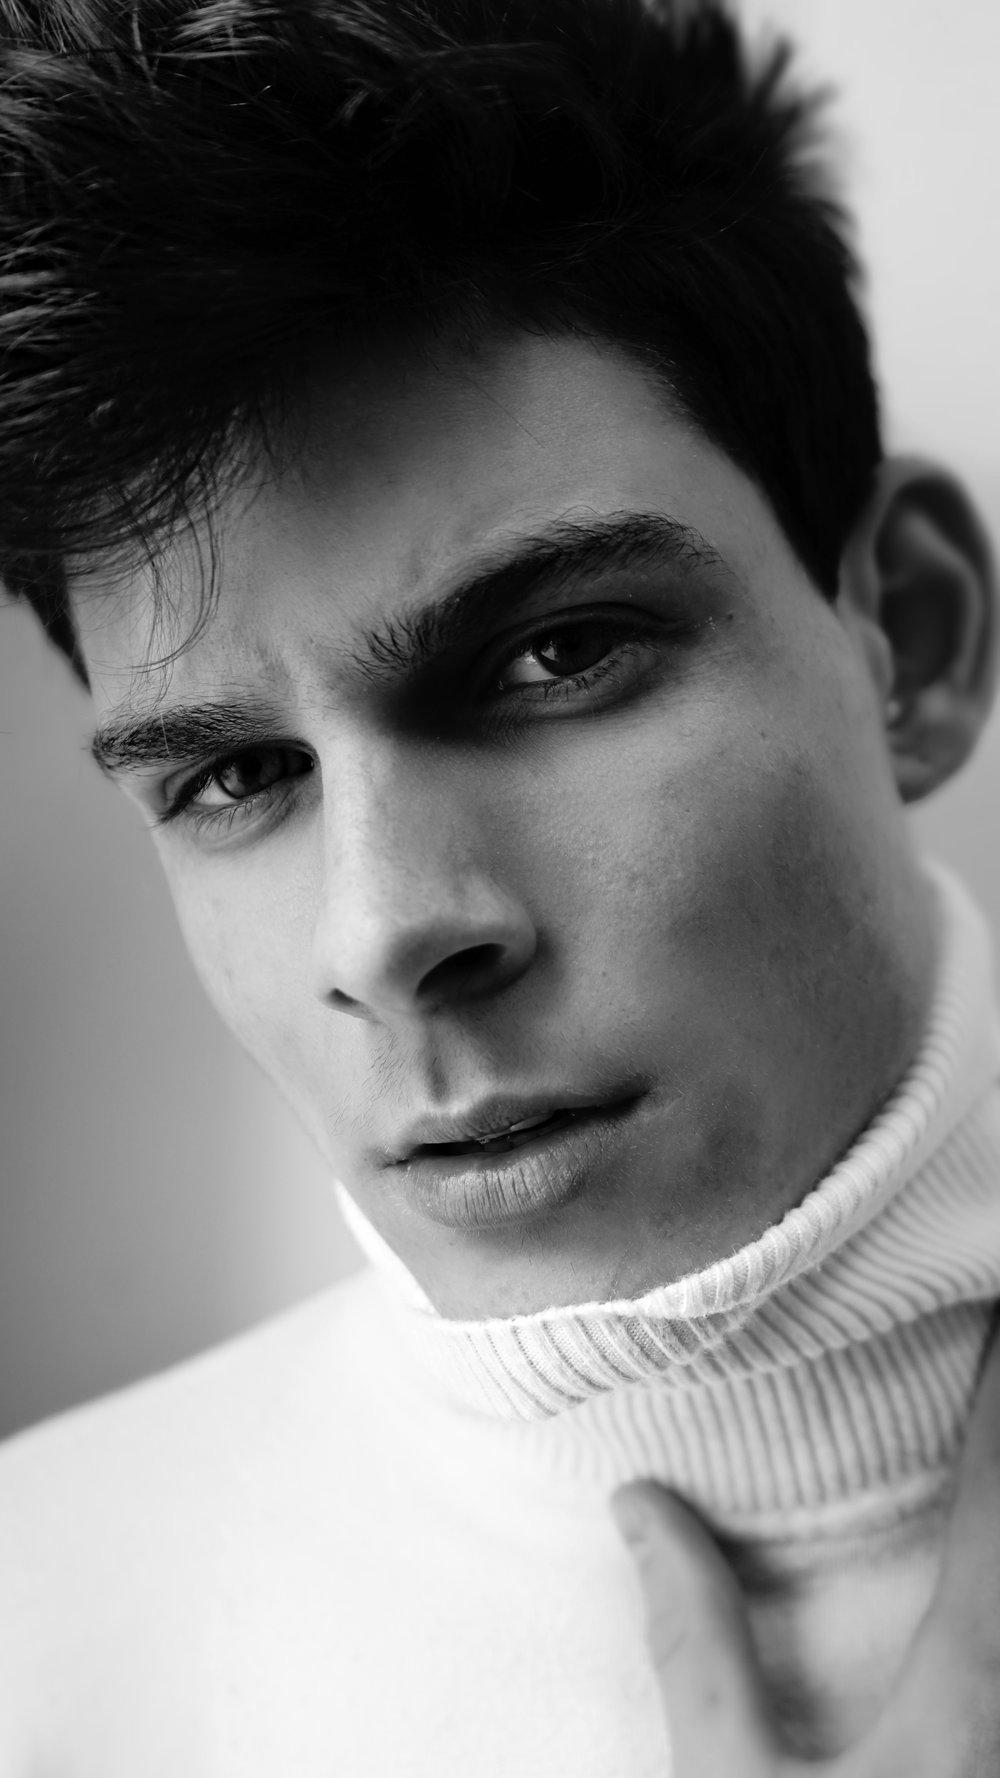 Marcel Hampe model Photoshoot -06.jpg